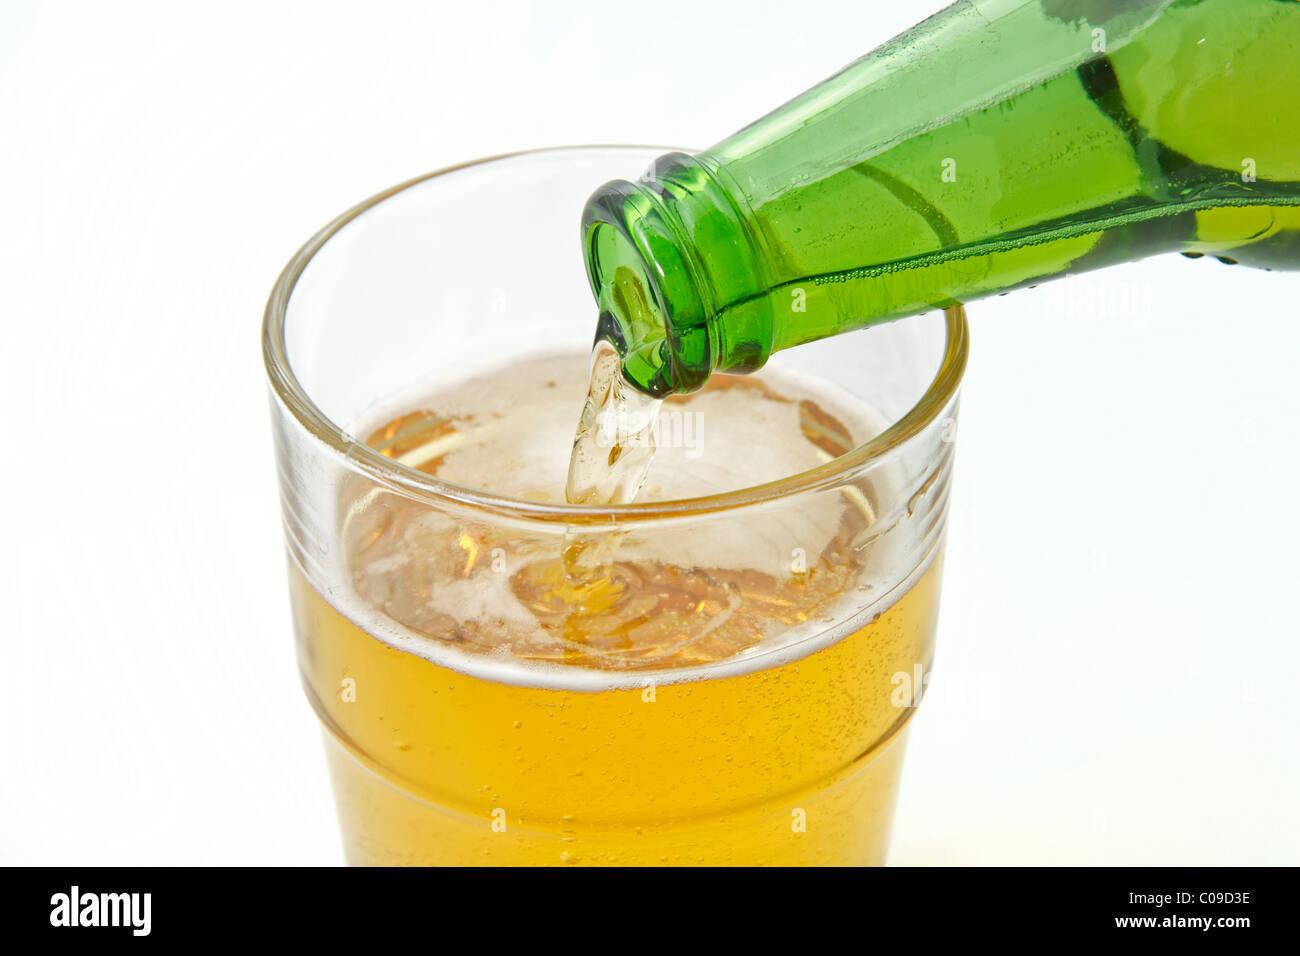 Bier aus einer grünen Bierflasche in ein Glas gießen Stockbild